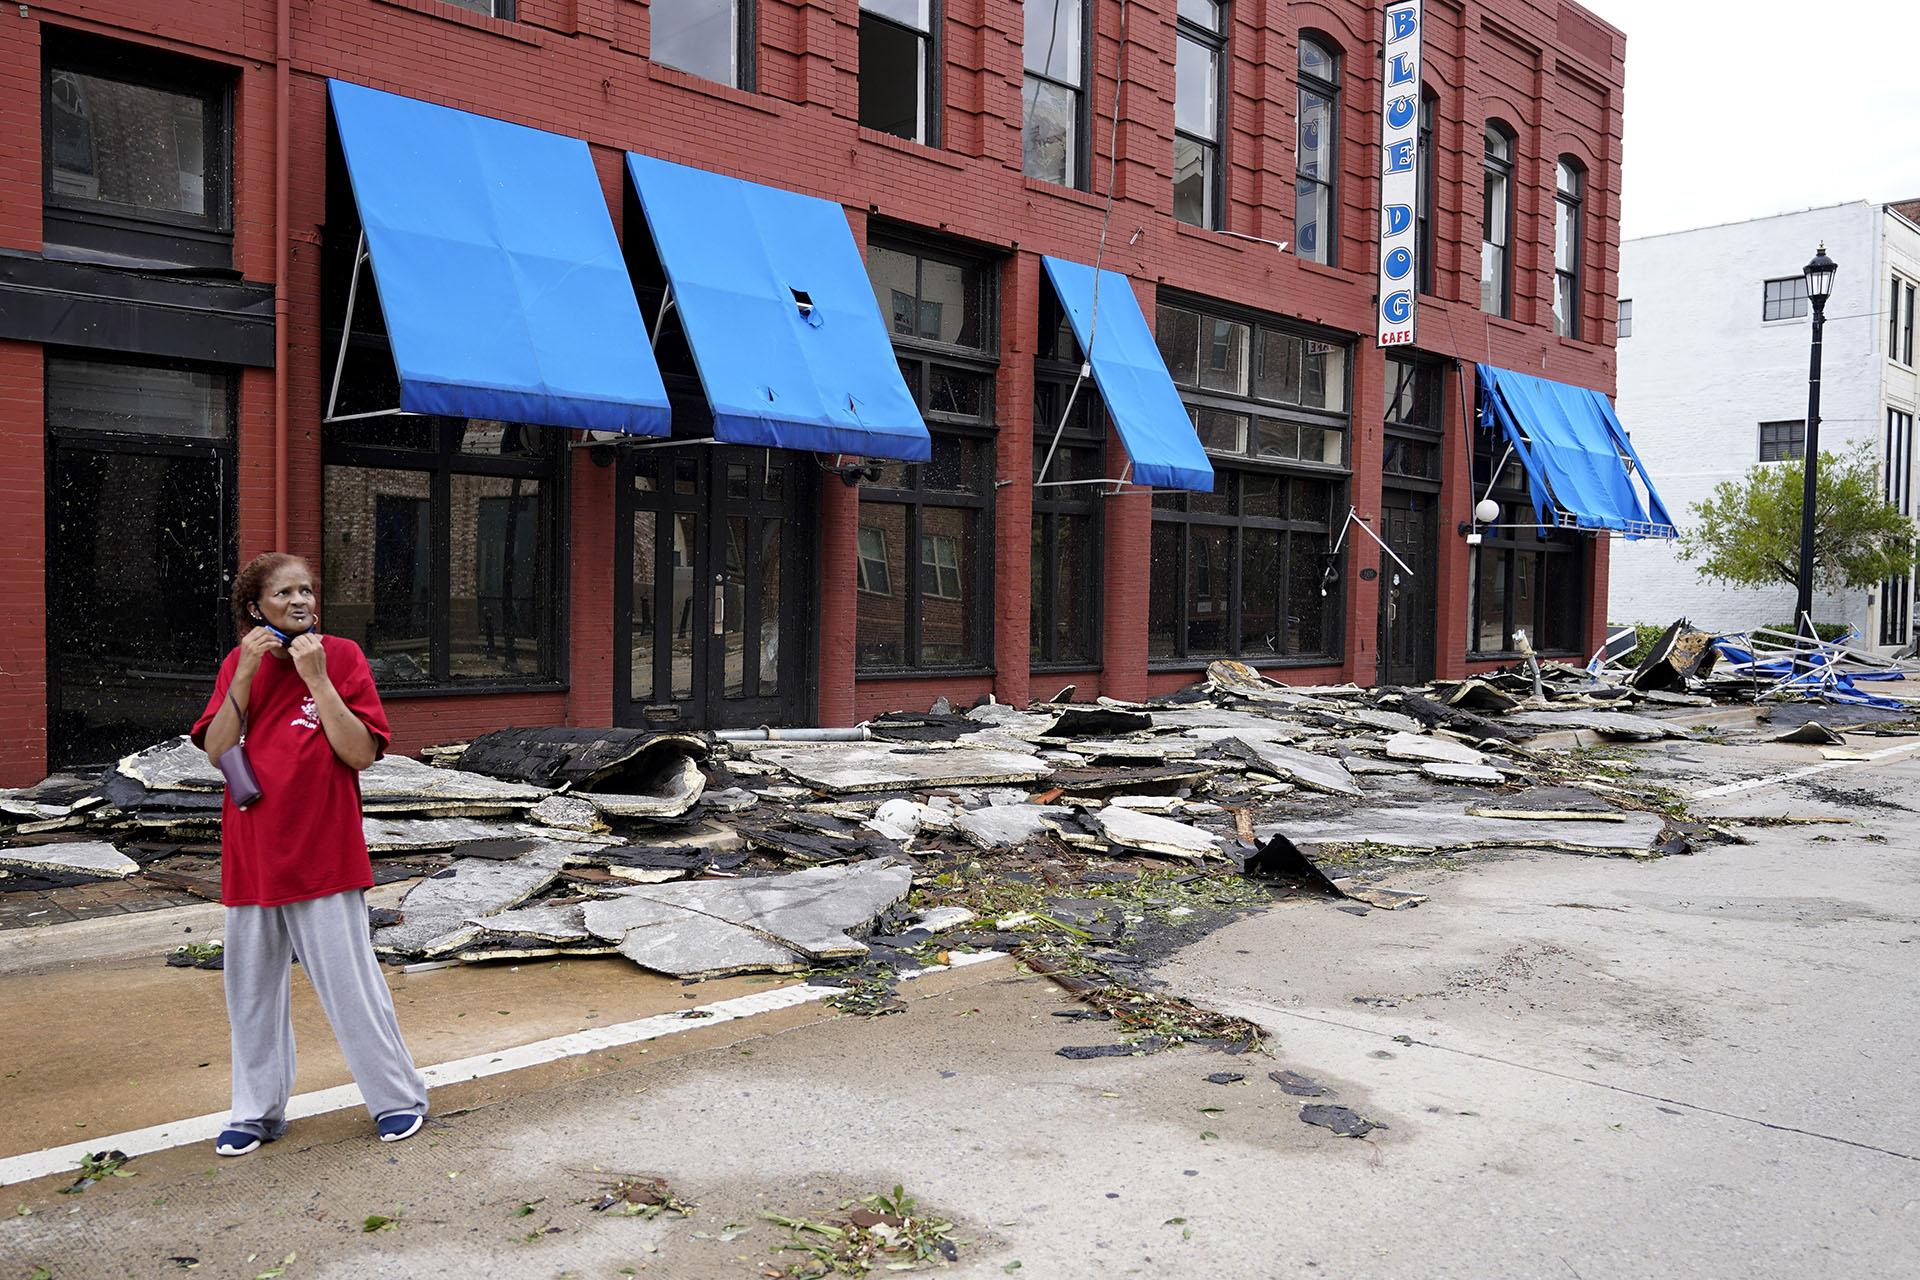 Una mujer pasa por una calle cerca de negocios que fueron destruidos por el huracán Laura en Lake Charles(Foto AP/Gerald Herbert)